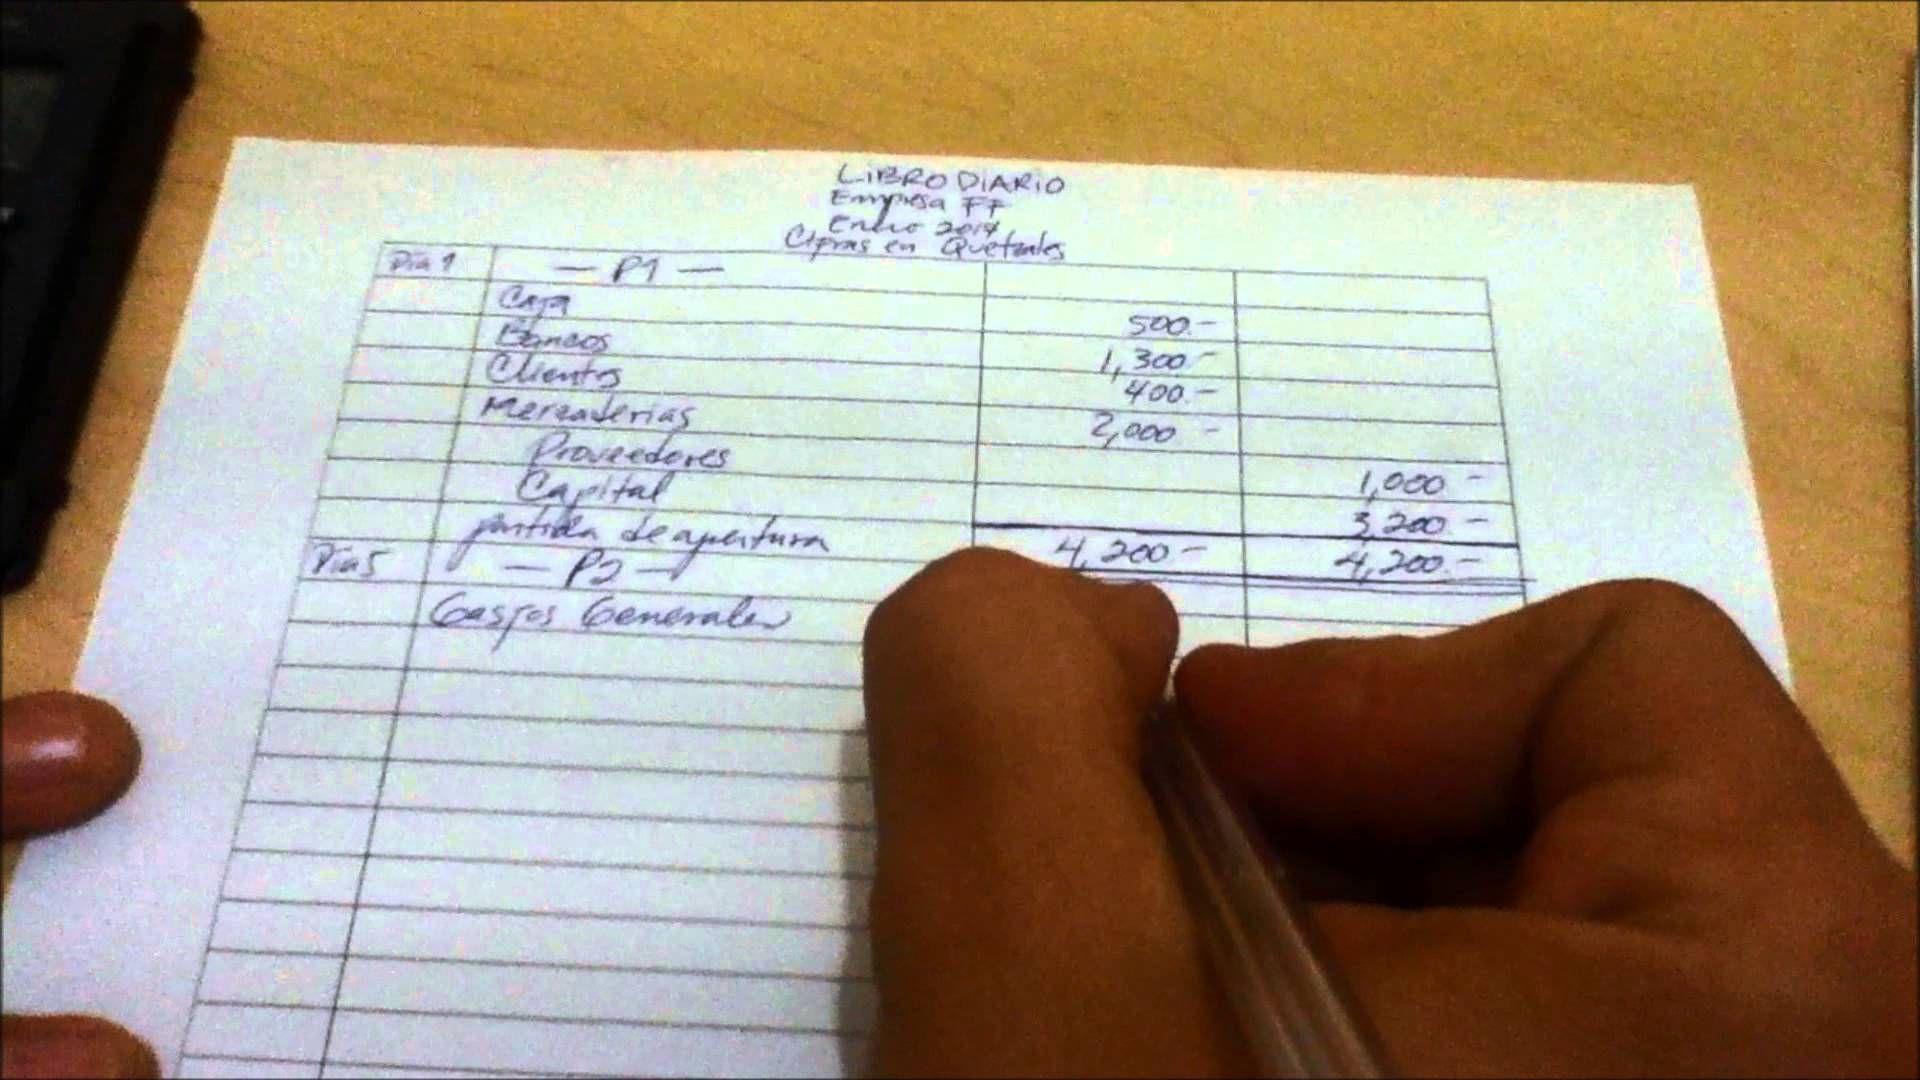 Contabilidad El Libro Diario 3o Básico Primera Unidad Ejercicio 1 Ejercicios De Contabilidad Contabilidad Libro Diario Contabilidad